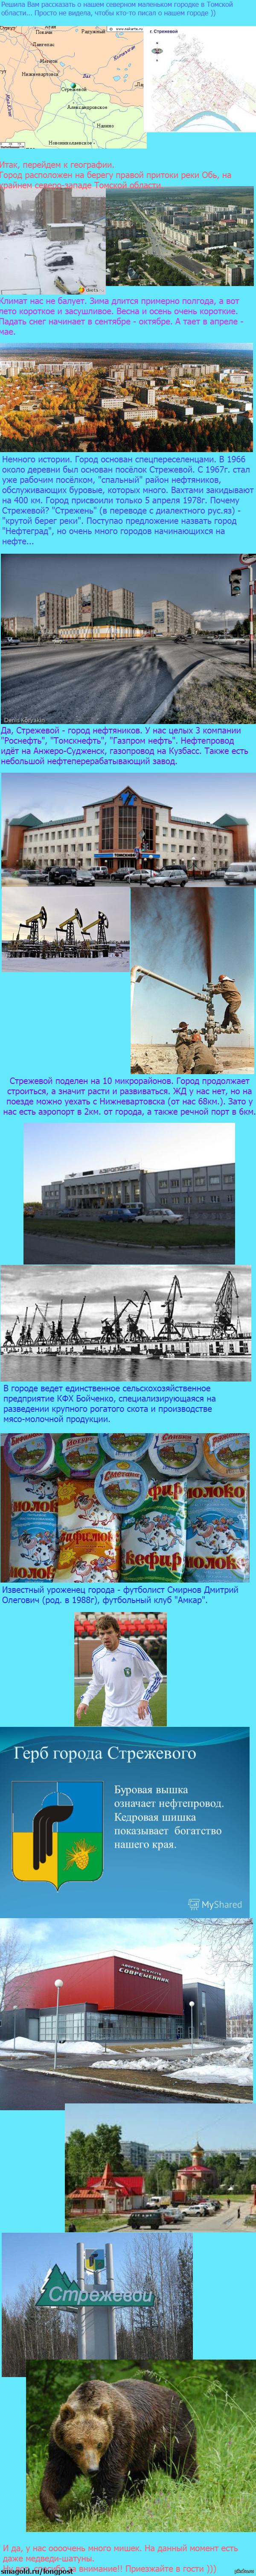 Мой первый длиннопост о нашем северном городе Стрежевом. Не судите строго )))